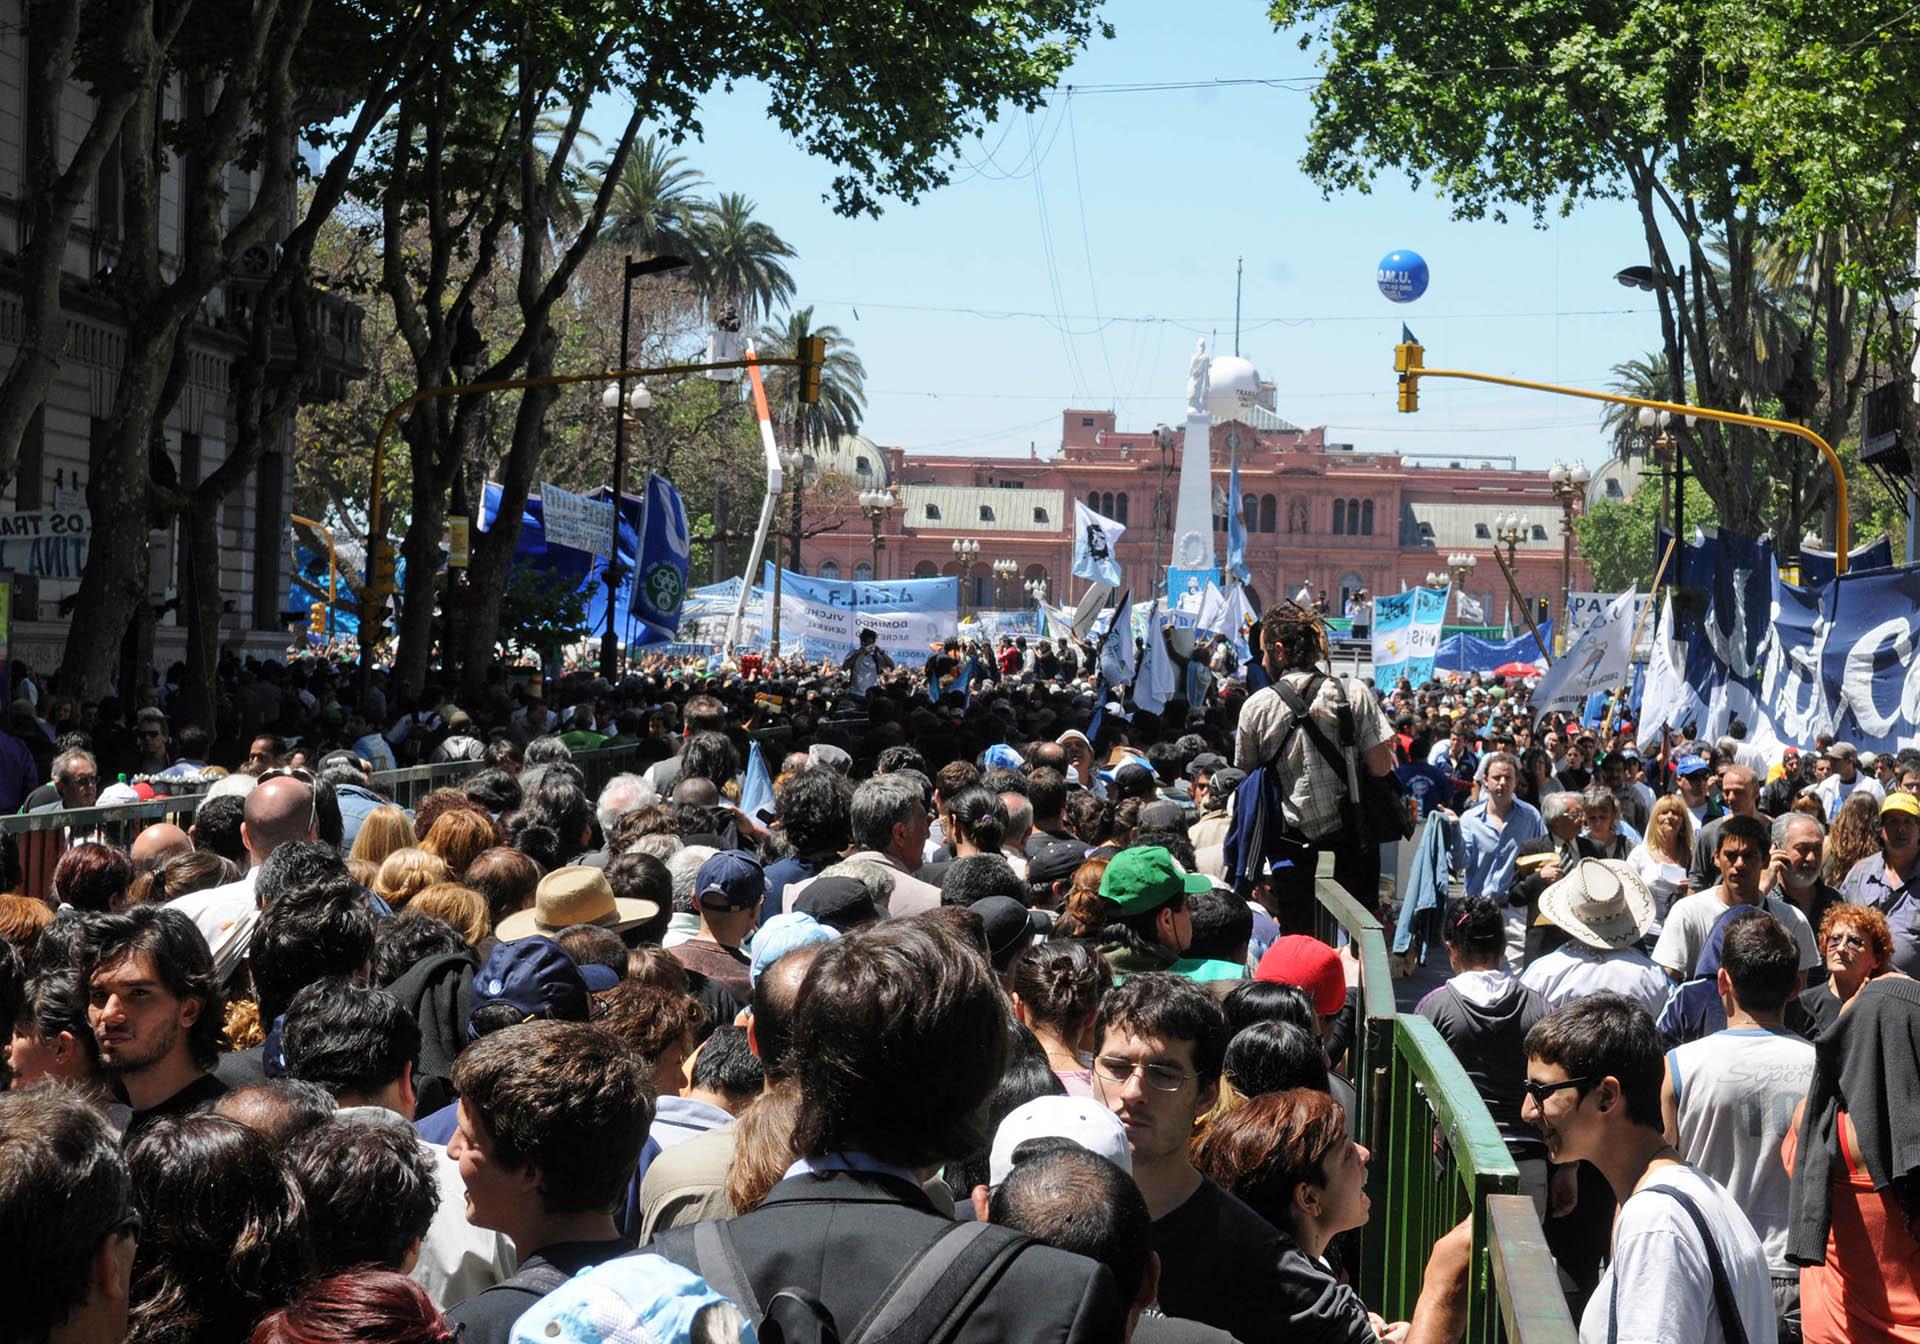 Apenas horas después de conocida la muerte de Néstor Kirchner, las multitudes acongojadas rodearon la Casa Rosada. Desde ese momento y durante cuatro días, cientos de miles de personas se congregaron para despedir al líder peronista con canciones, silencios, aplausos y carteles (NA)